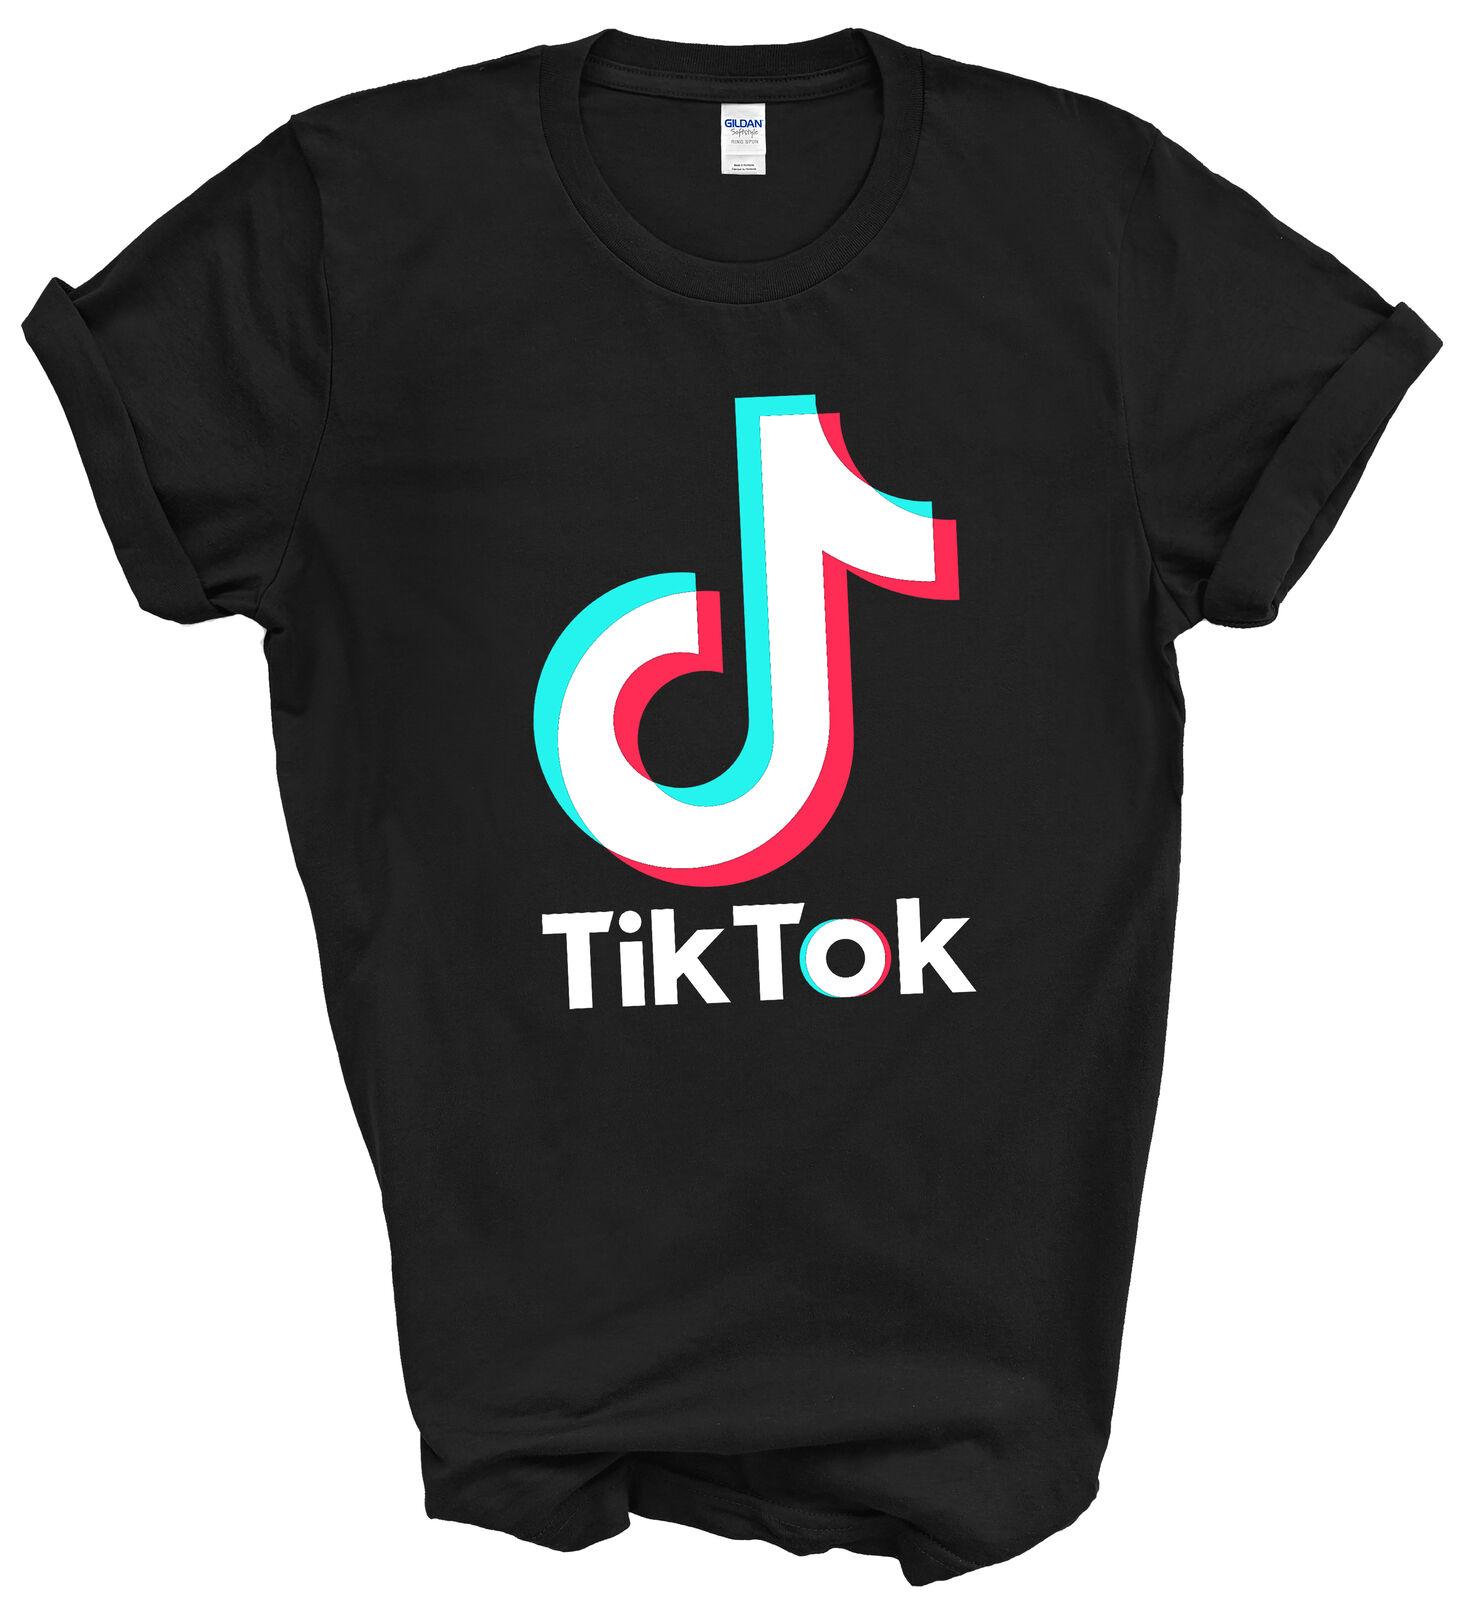 TIK TOK Shirt, TIK TOK Party Shirt, TIKTOK Shirt, Unisex Shi